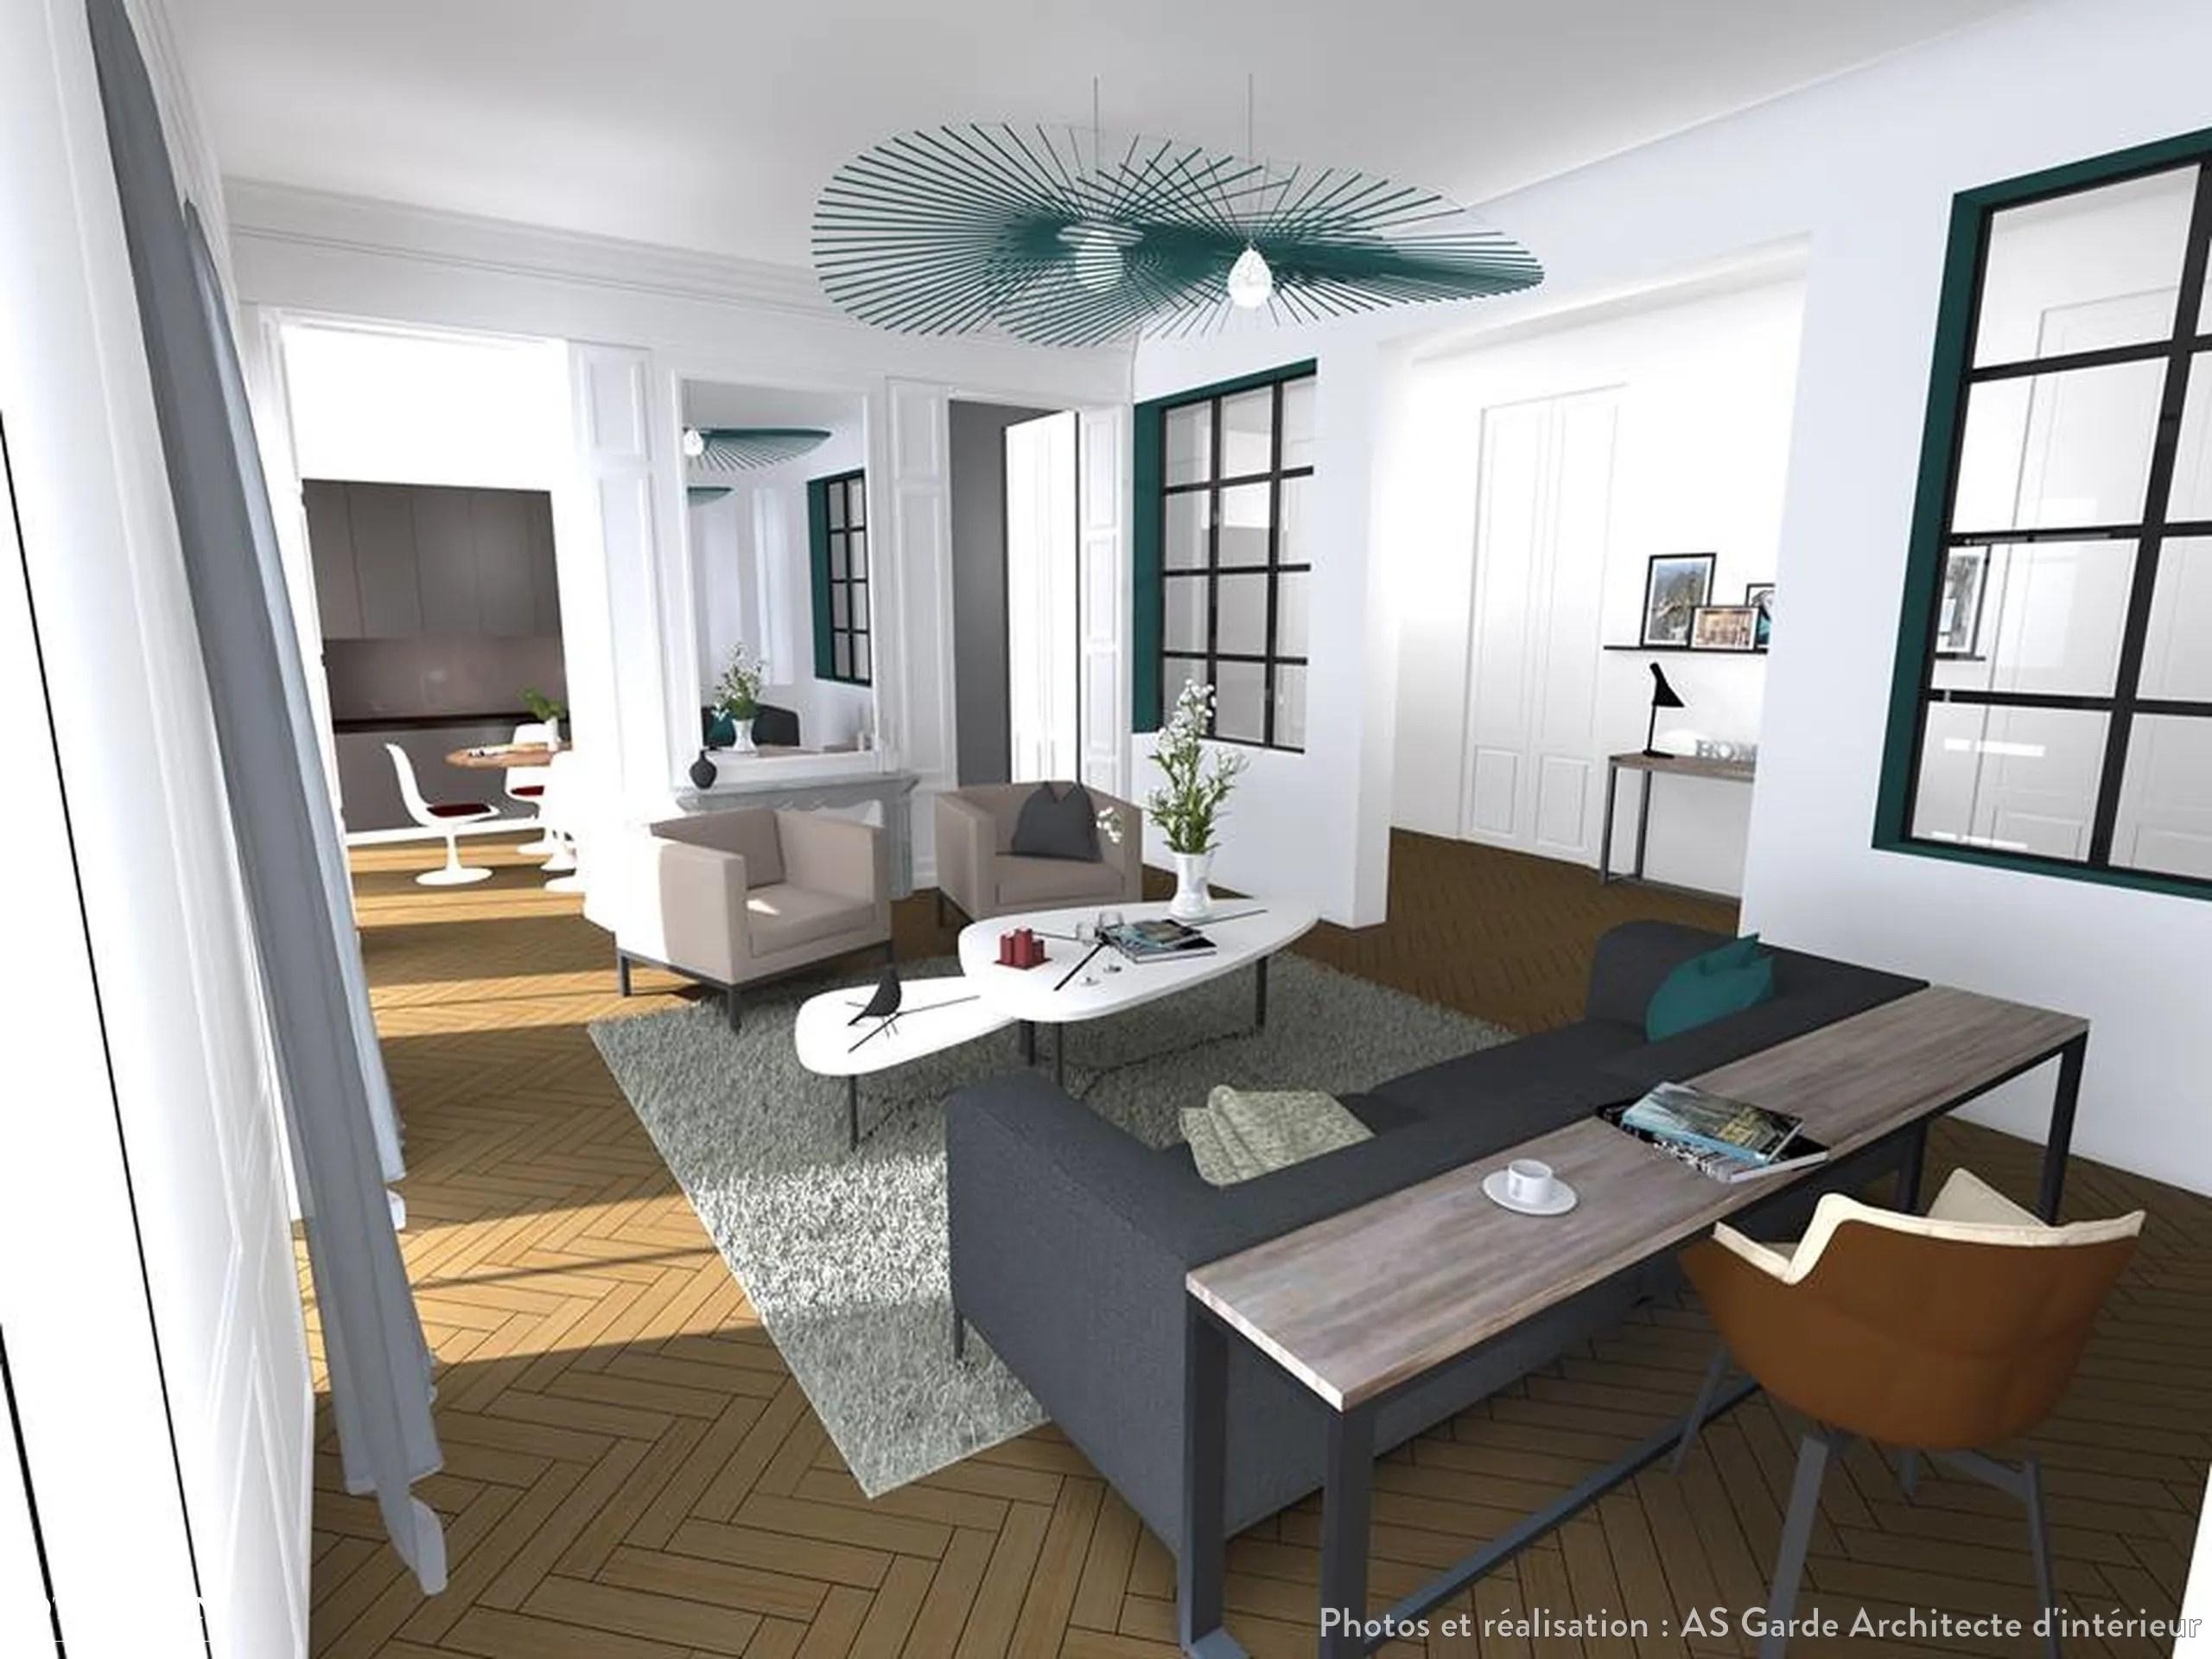 Appartement Haussmannien Paris AS Garde Architecte dintrieur  Ct Maison